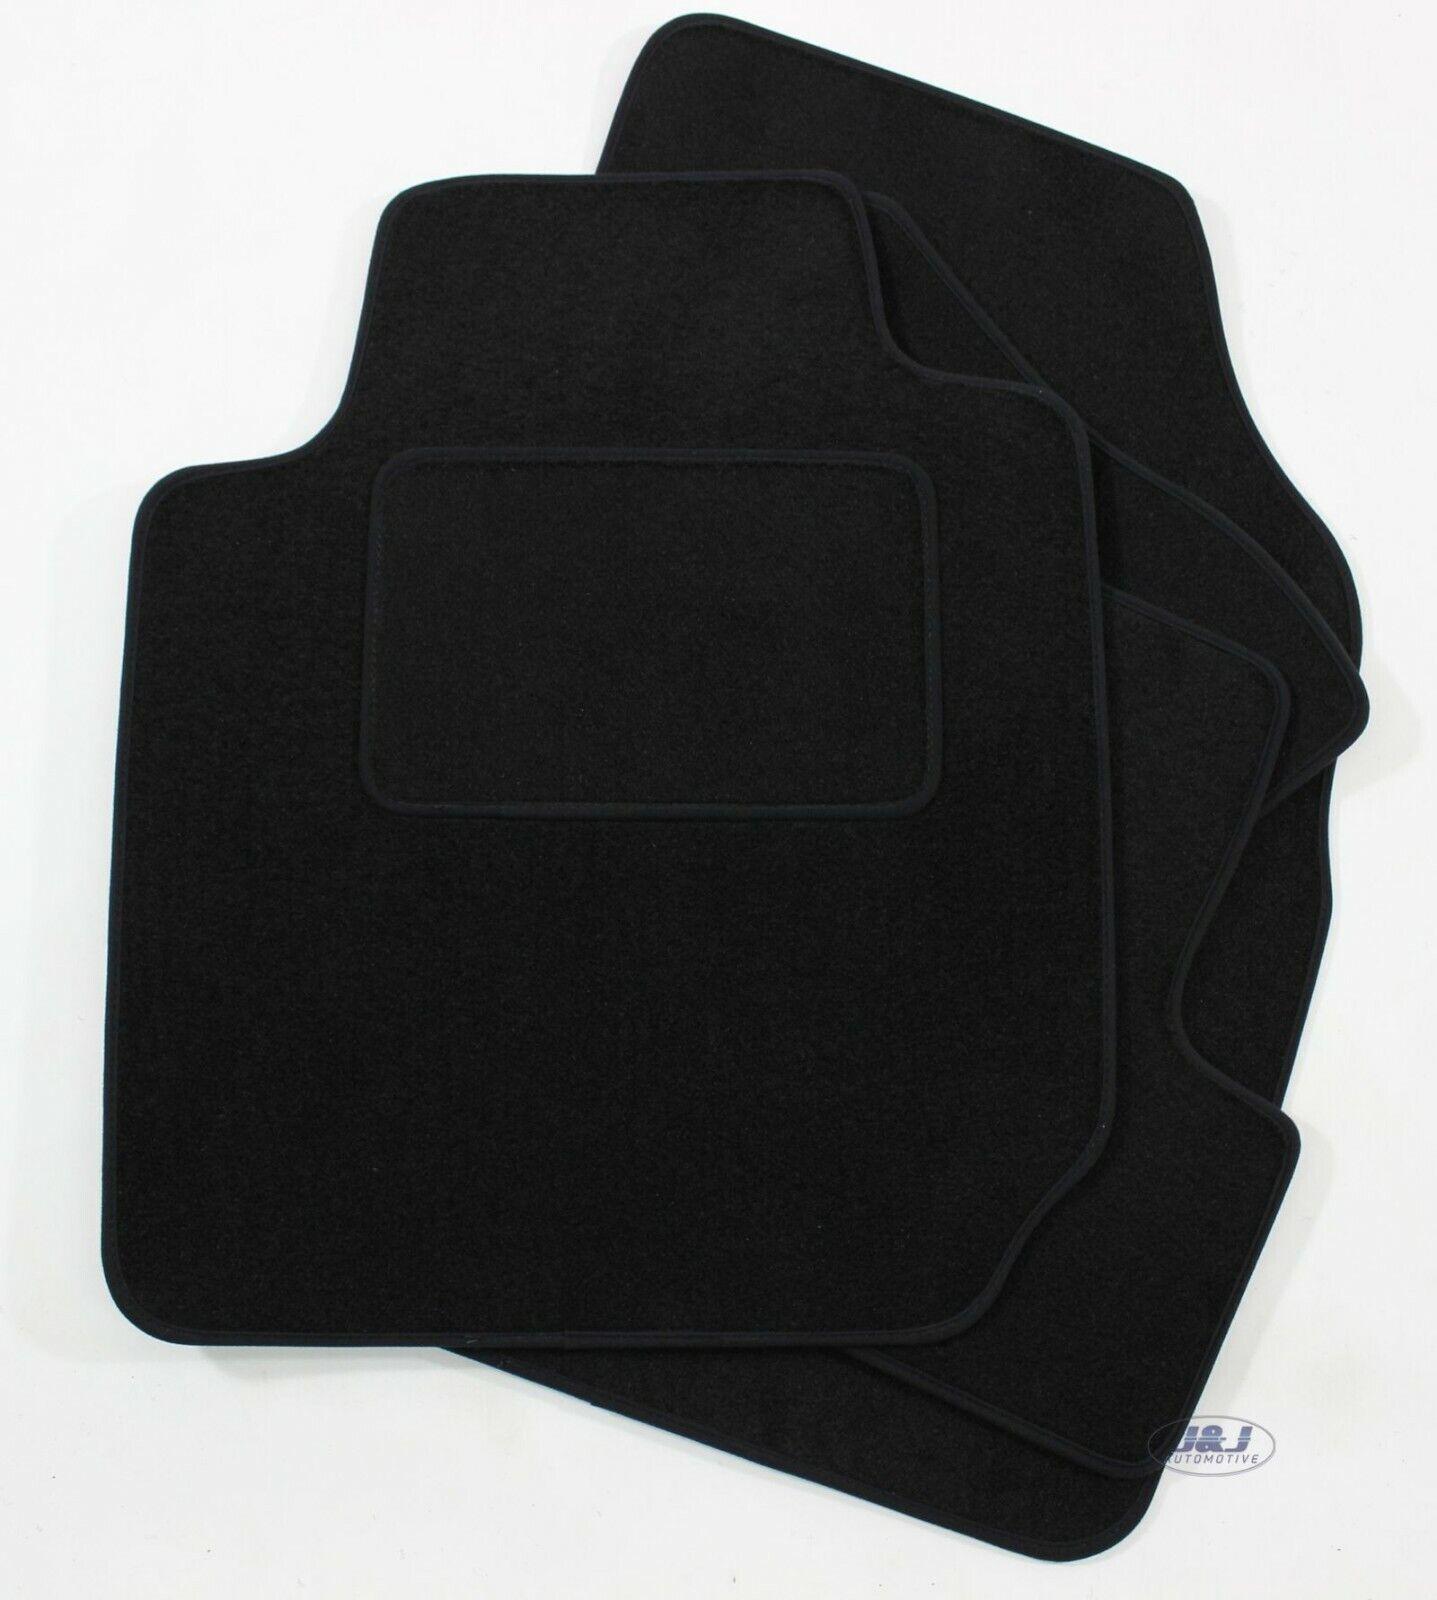 Tapis de Sol Noir Velours Compatible avec Audi 80 B-4 1991-1996 4 pcs J/&J AUTOMOTIVE